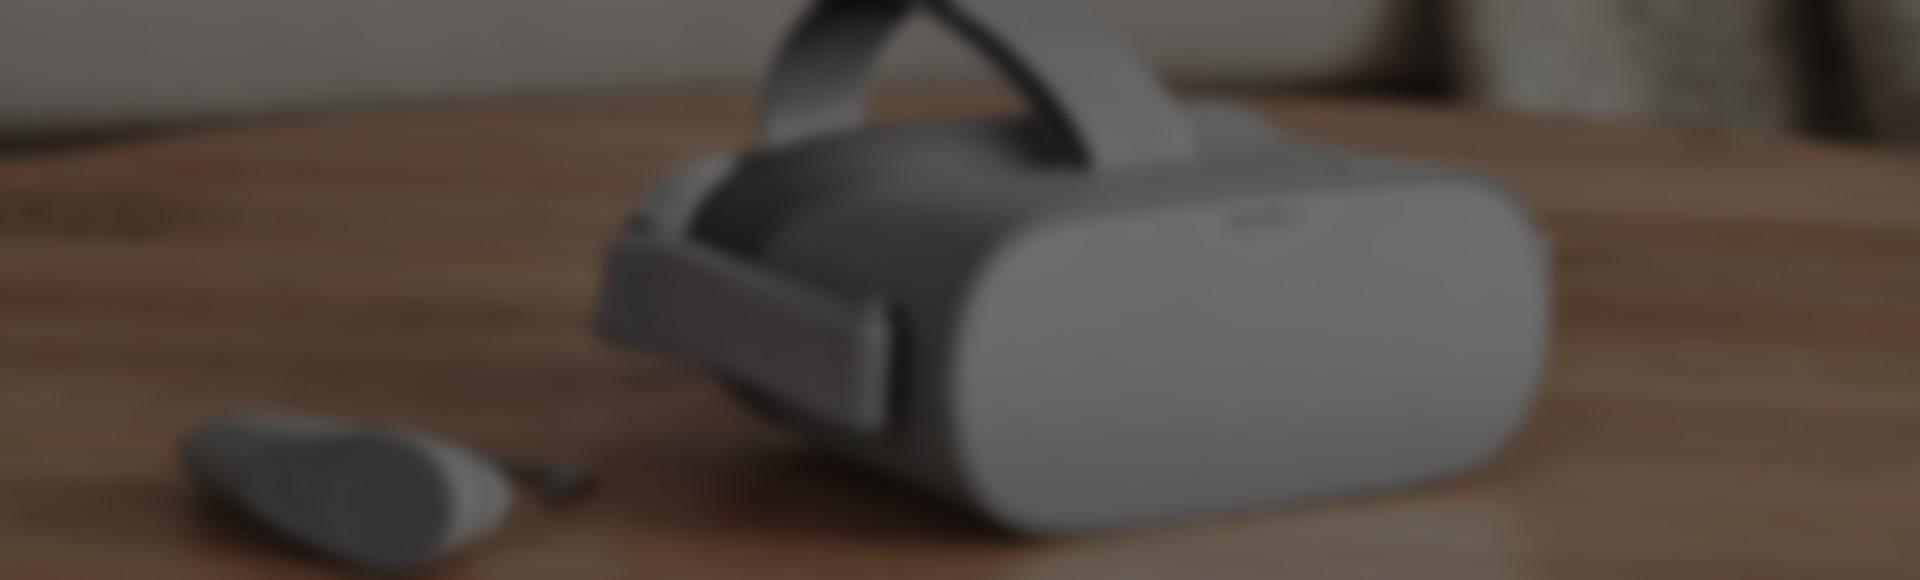 Le casque VR autonome